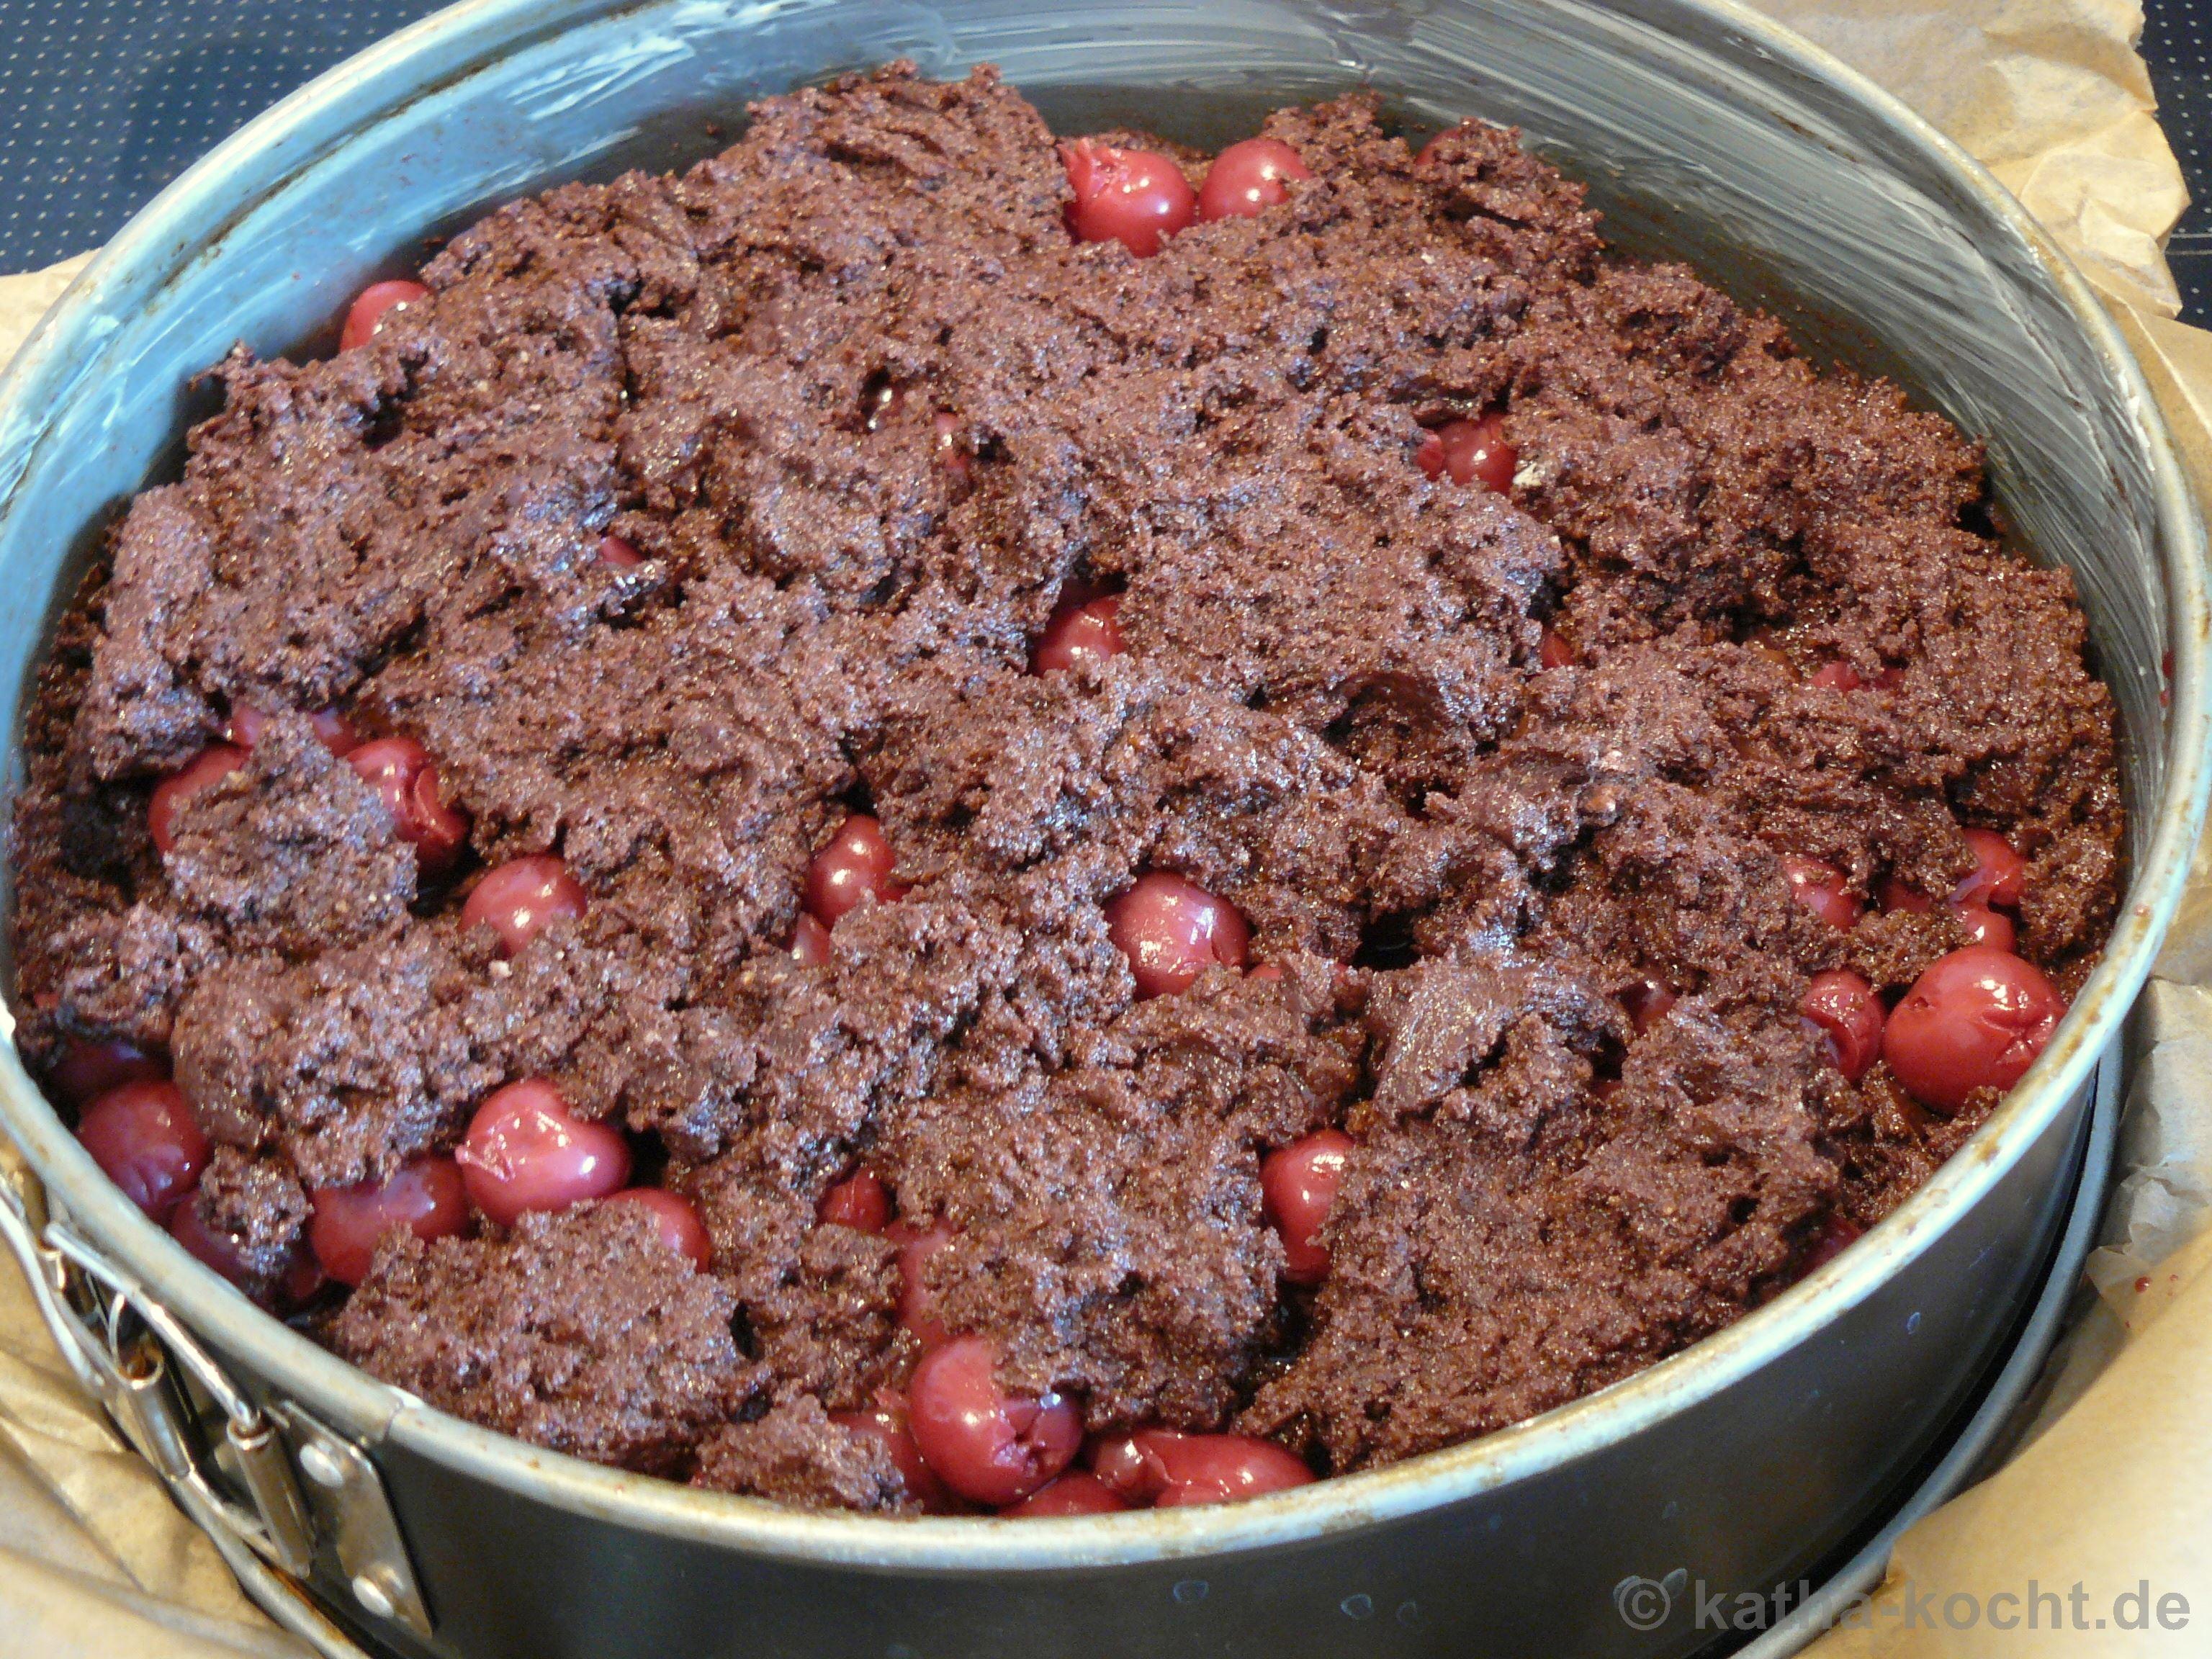 Schoko kirsch kuchen kleine form